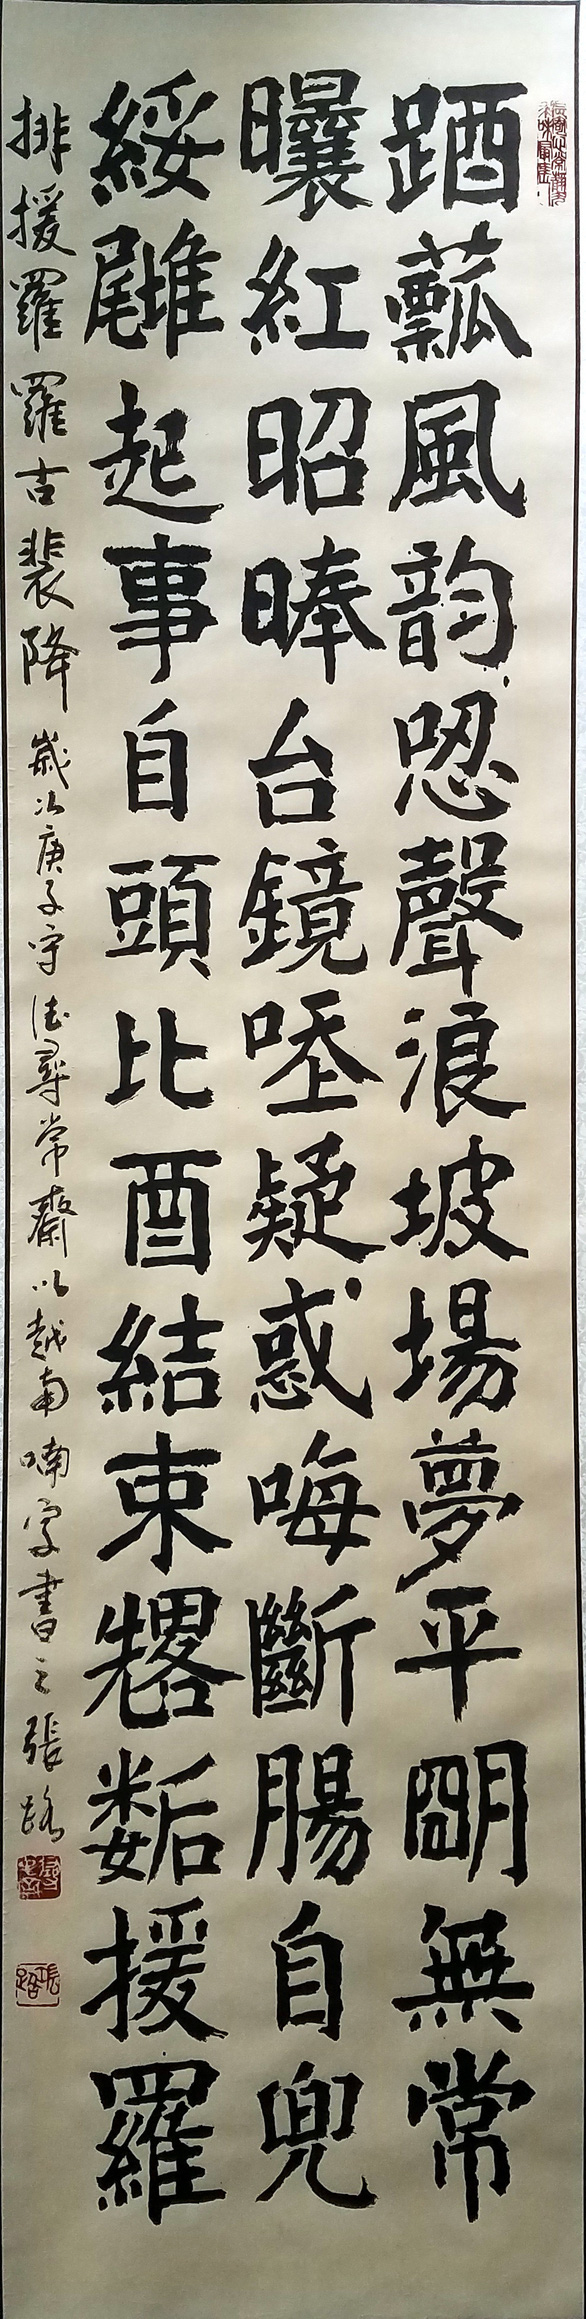 Xem triển lãm thư pháp của Trương Lộ gặp thơ Lê Quý Đôn, Bùi Giáng, Bảo Định Giang - Ảnh 6.